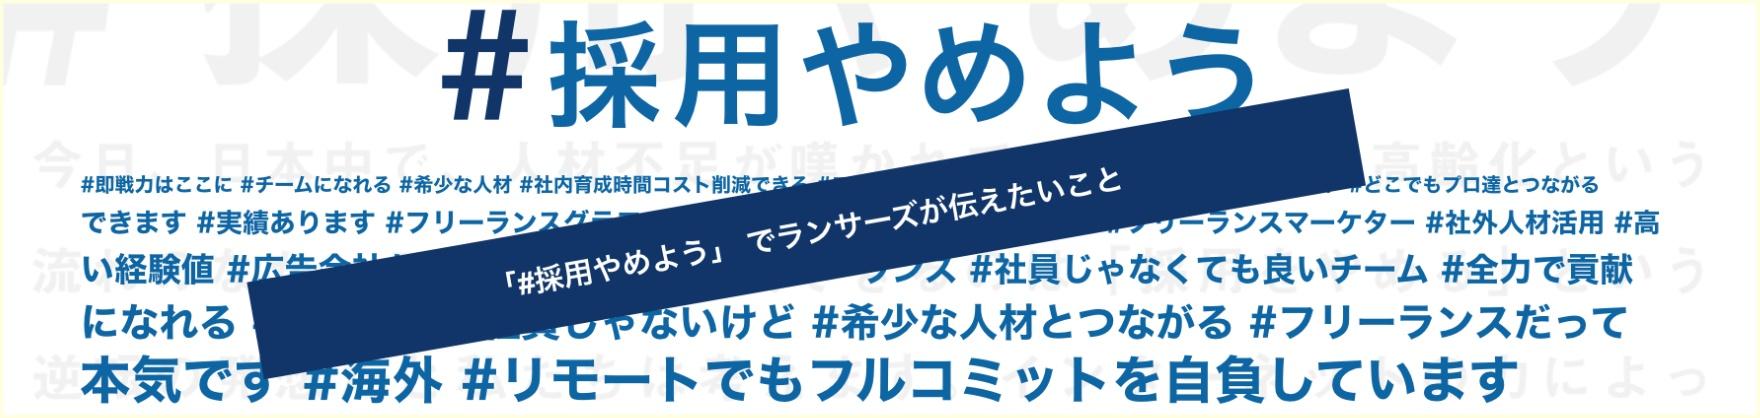 秋好陽介,Wikipedia,ランサーズ,社長,学歴,経歴,弟,髪型